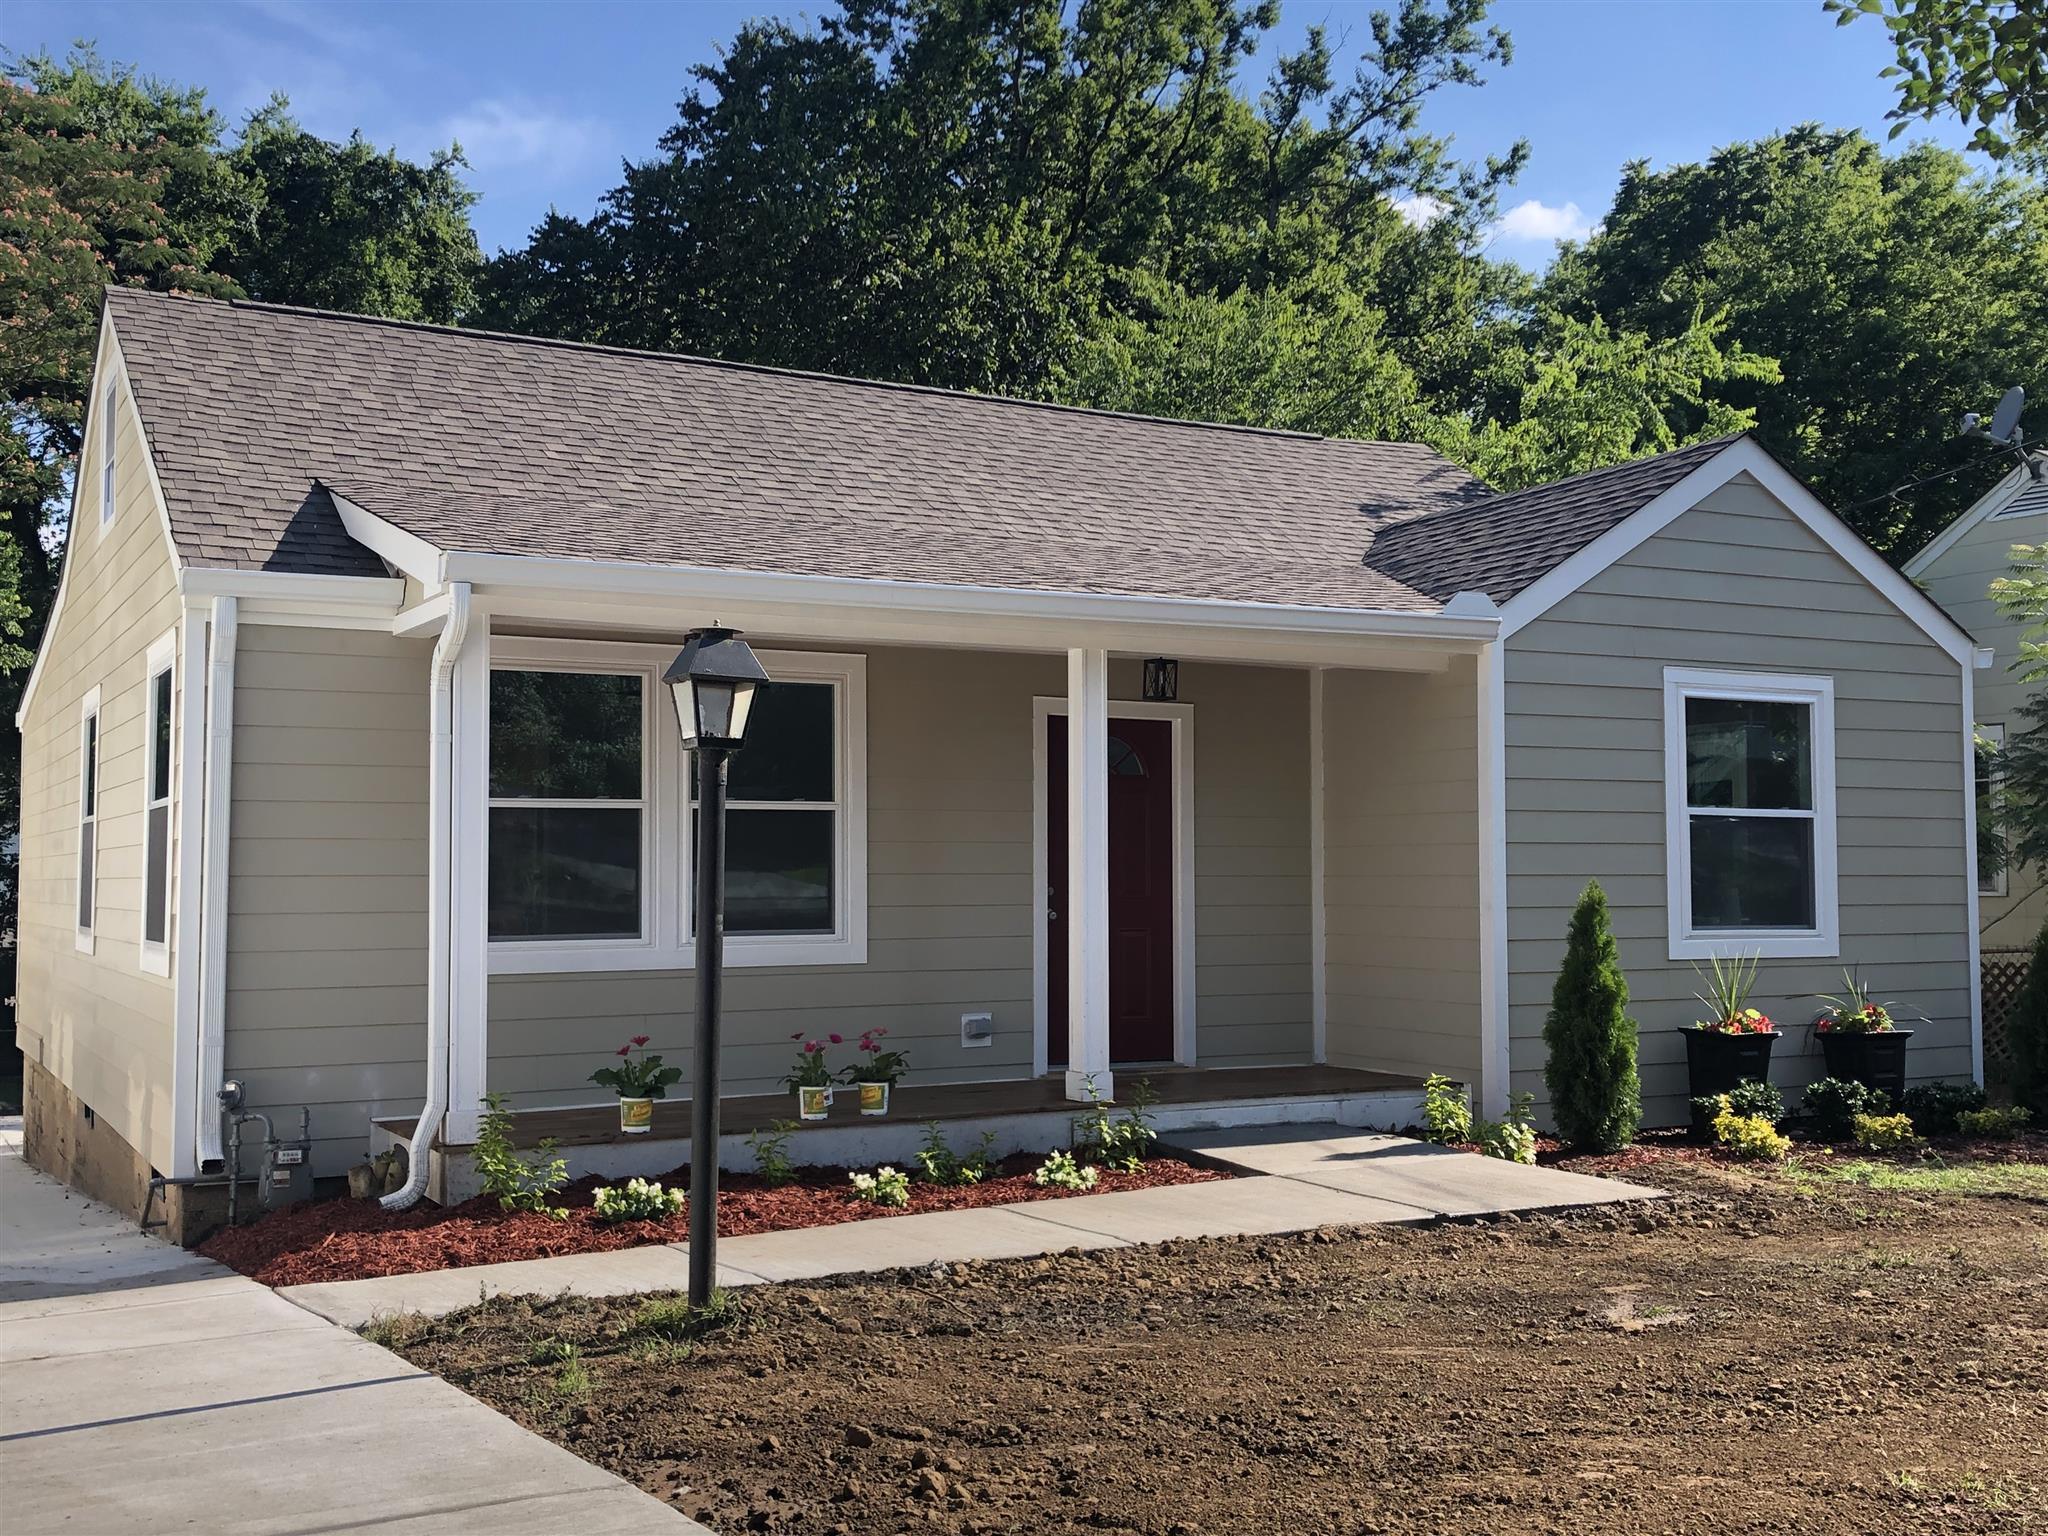 105 Creighton Ave, Nashville, TN 37206 - Nashville, TN real estate listing